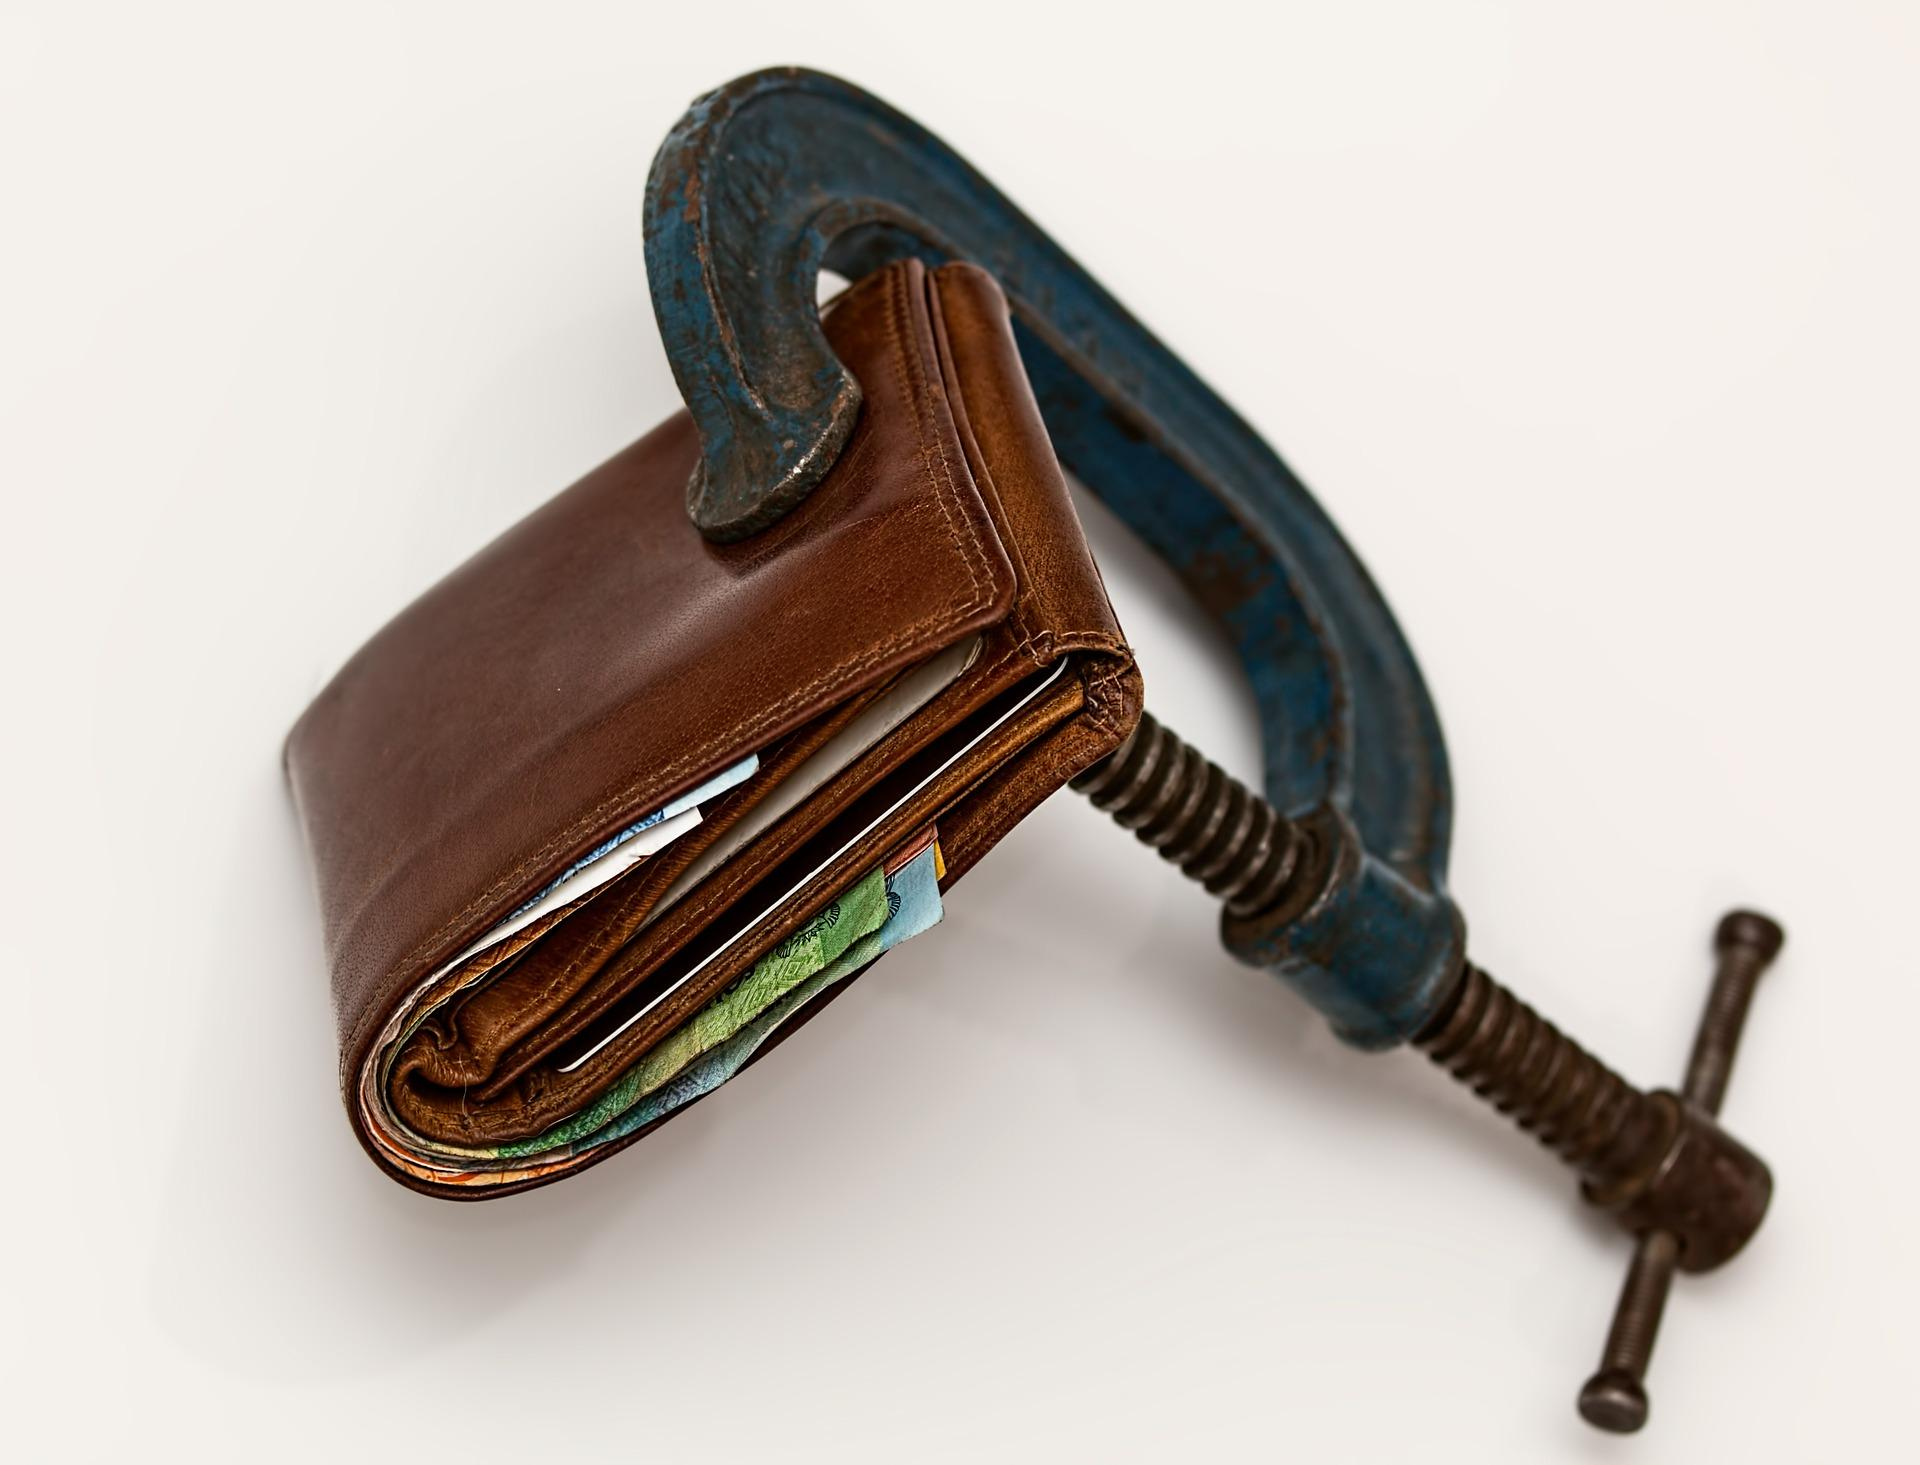 Insolvenzanfechtung beim Scheinarbeitsverhältnis